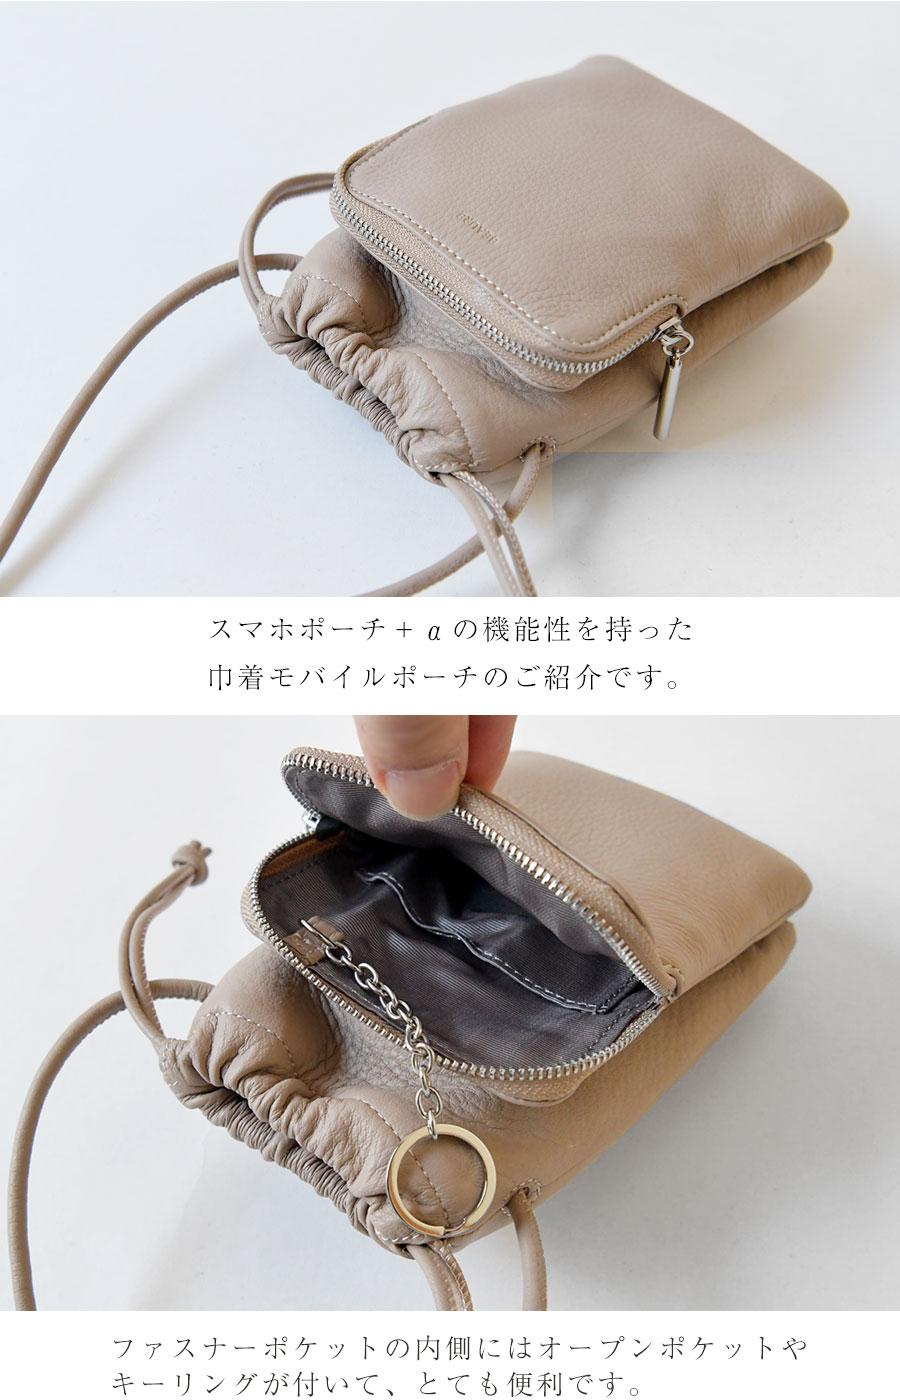 【Beaure ビュレ/ヴュレ】カウレザー スマホ 巾着 ショルダーバッグ  /  モバイル ケース ポシェット